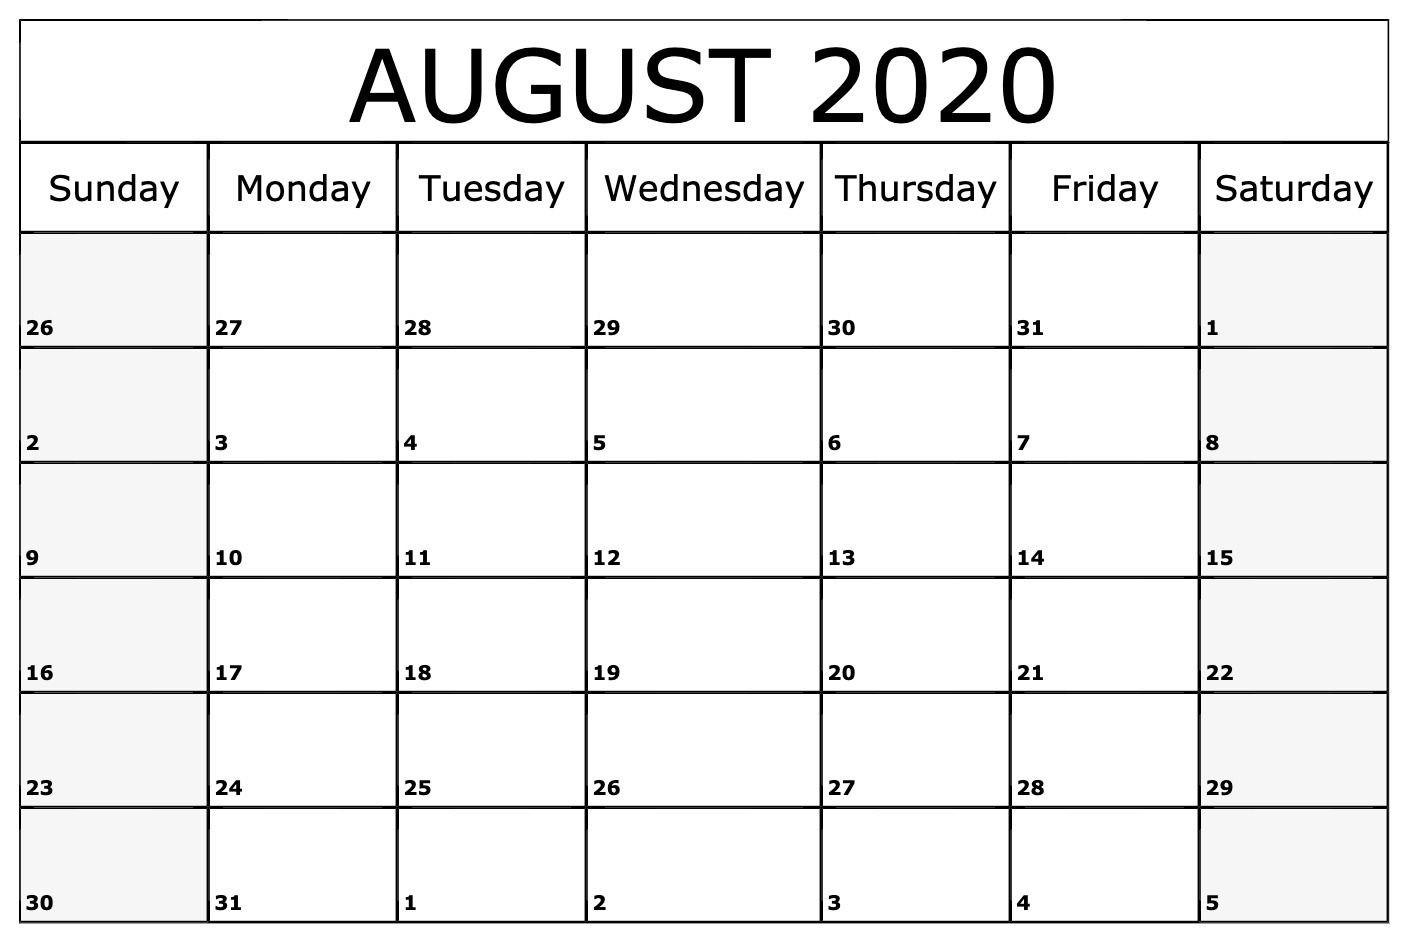 August 2020 Calendar Template | August Calendar, Blank-Monthly Calendar June July August 2020